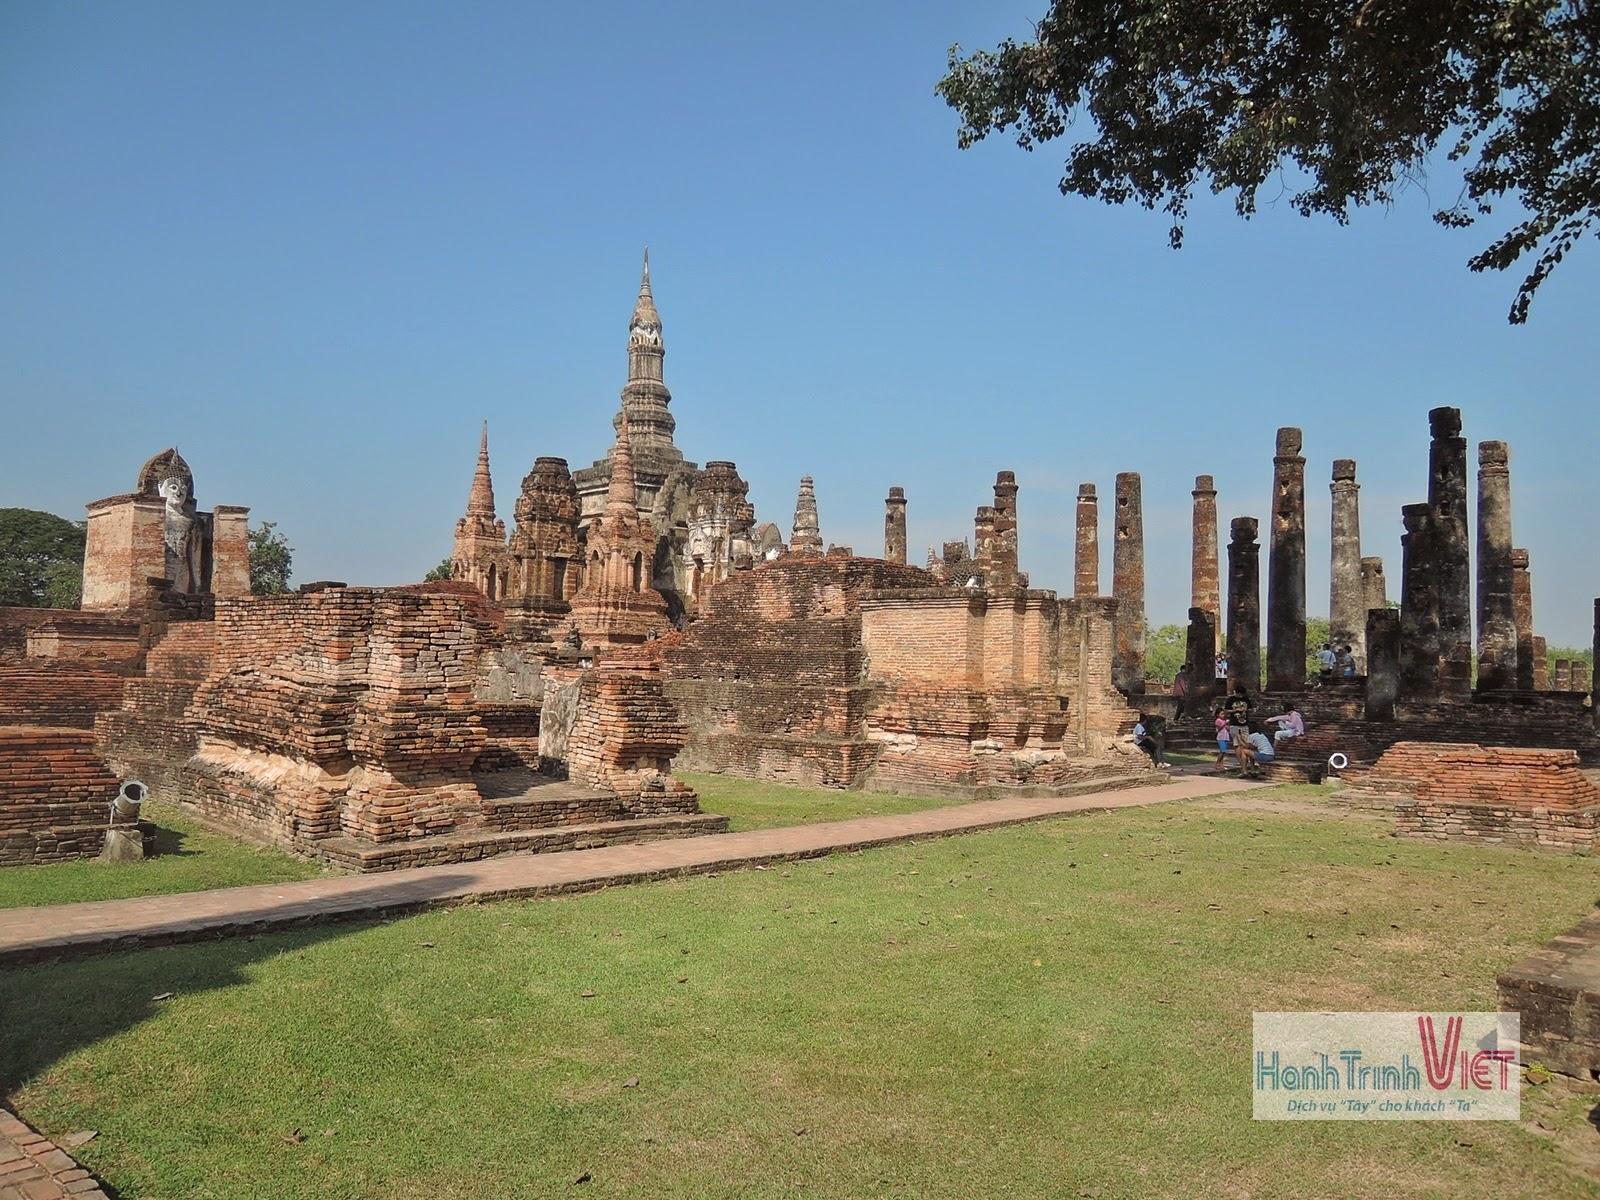 Tham quan đền Mahathat ở Chiêng Mai